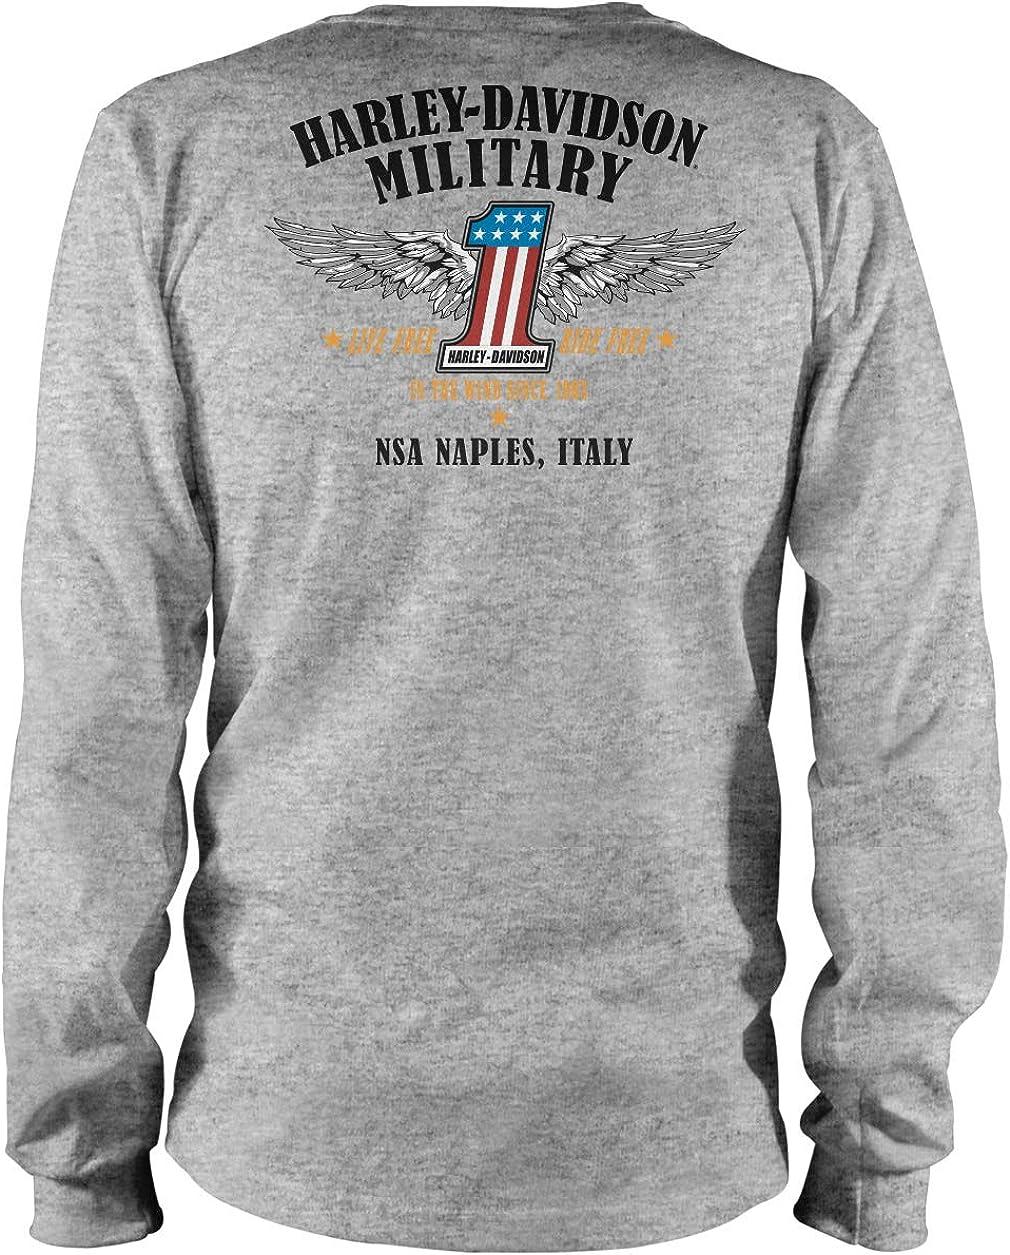 HARLEY-DAVIDSON Militar – Camiseta Deportiva de Manga Larga para Hombre, diseño de NSA Naples | Summit - Gris - 3X-Large: Amazon.es: Ropa y accesorios